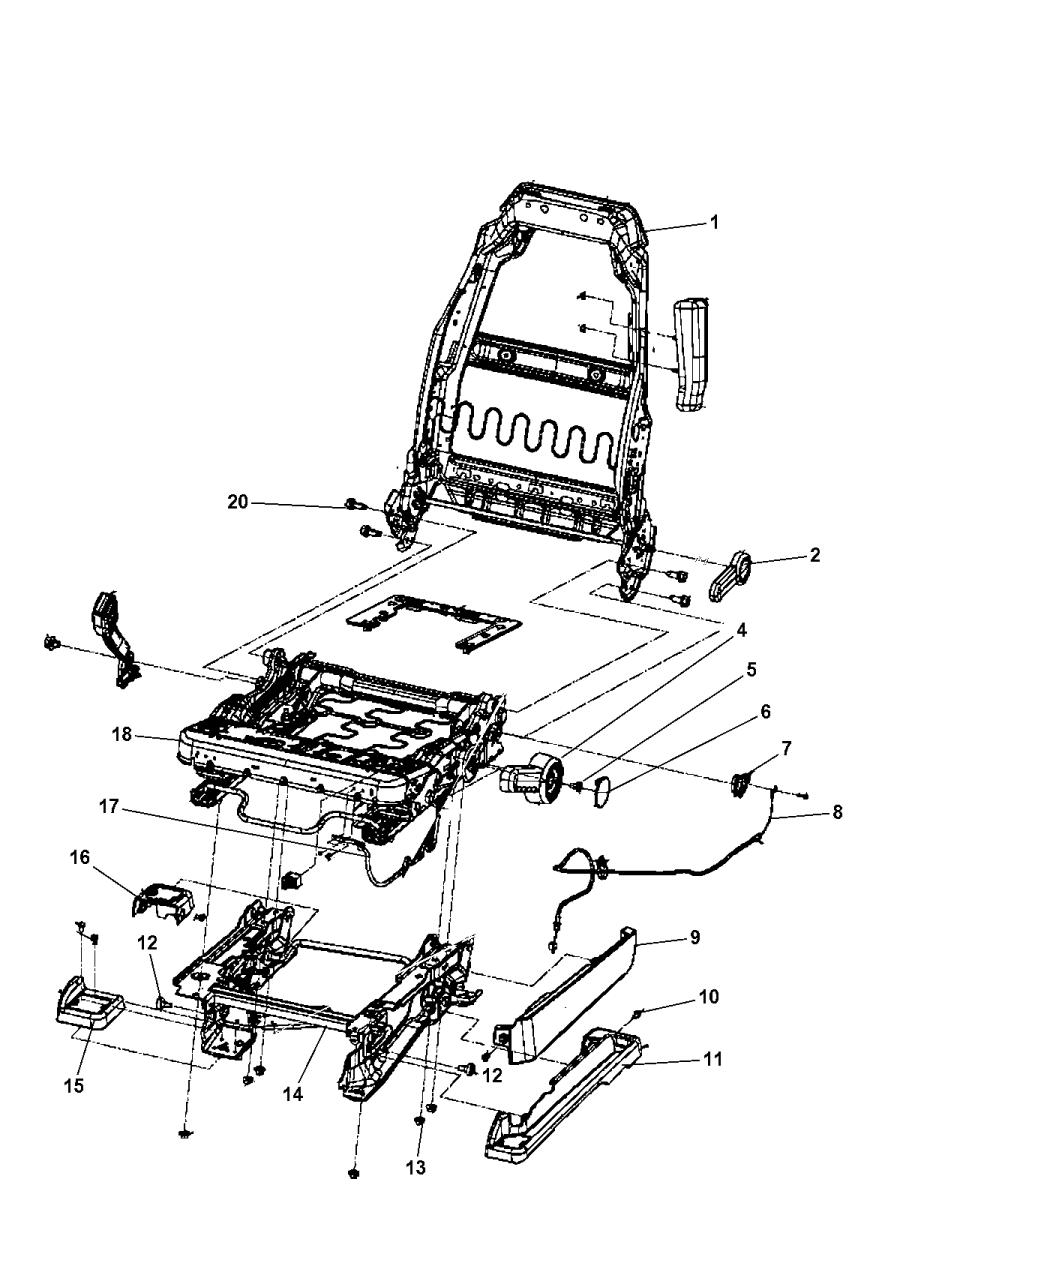 2012 Jk Jeep Seat Parts Diagram